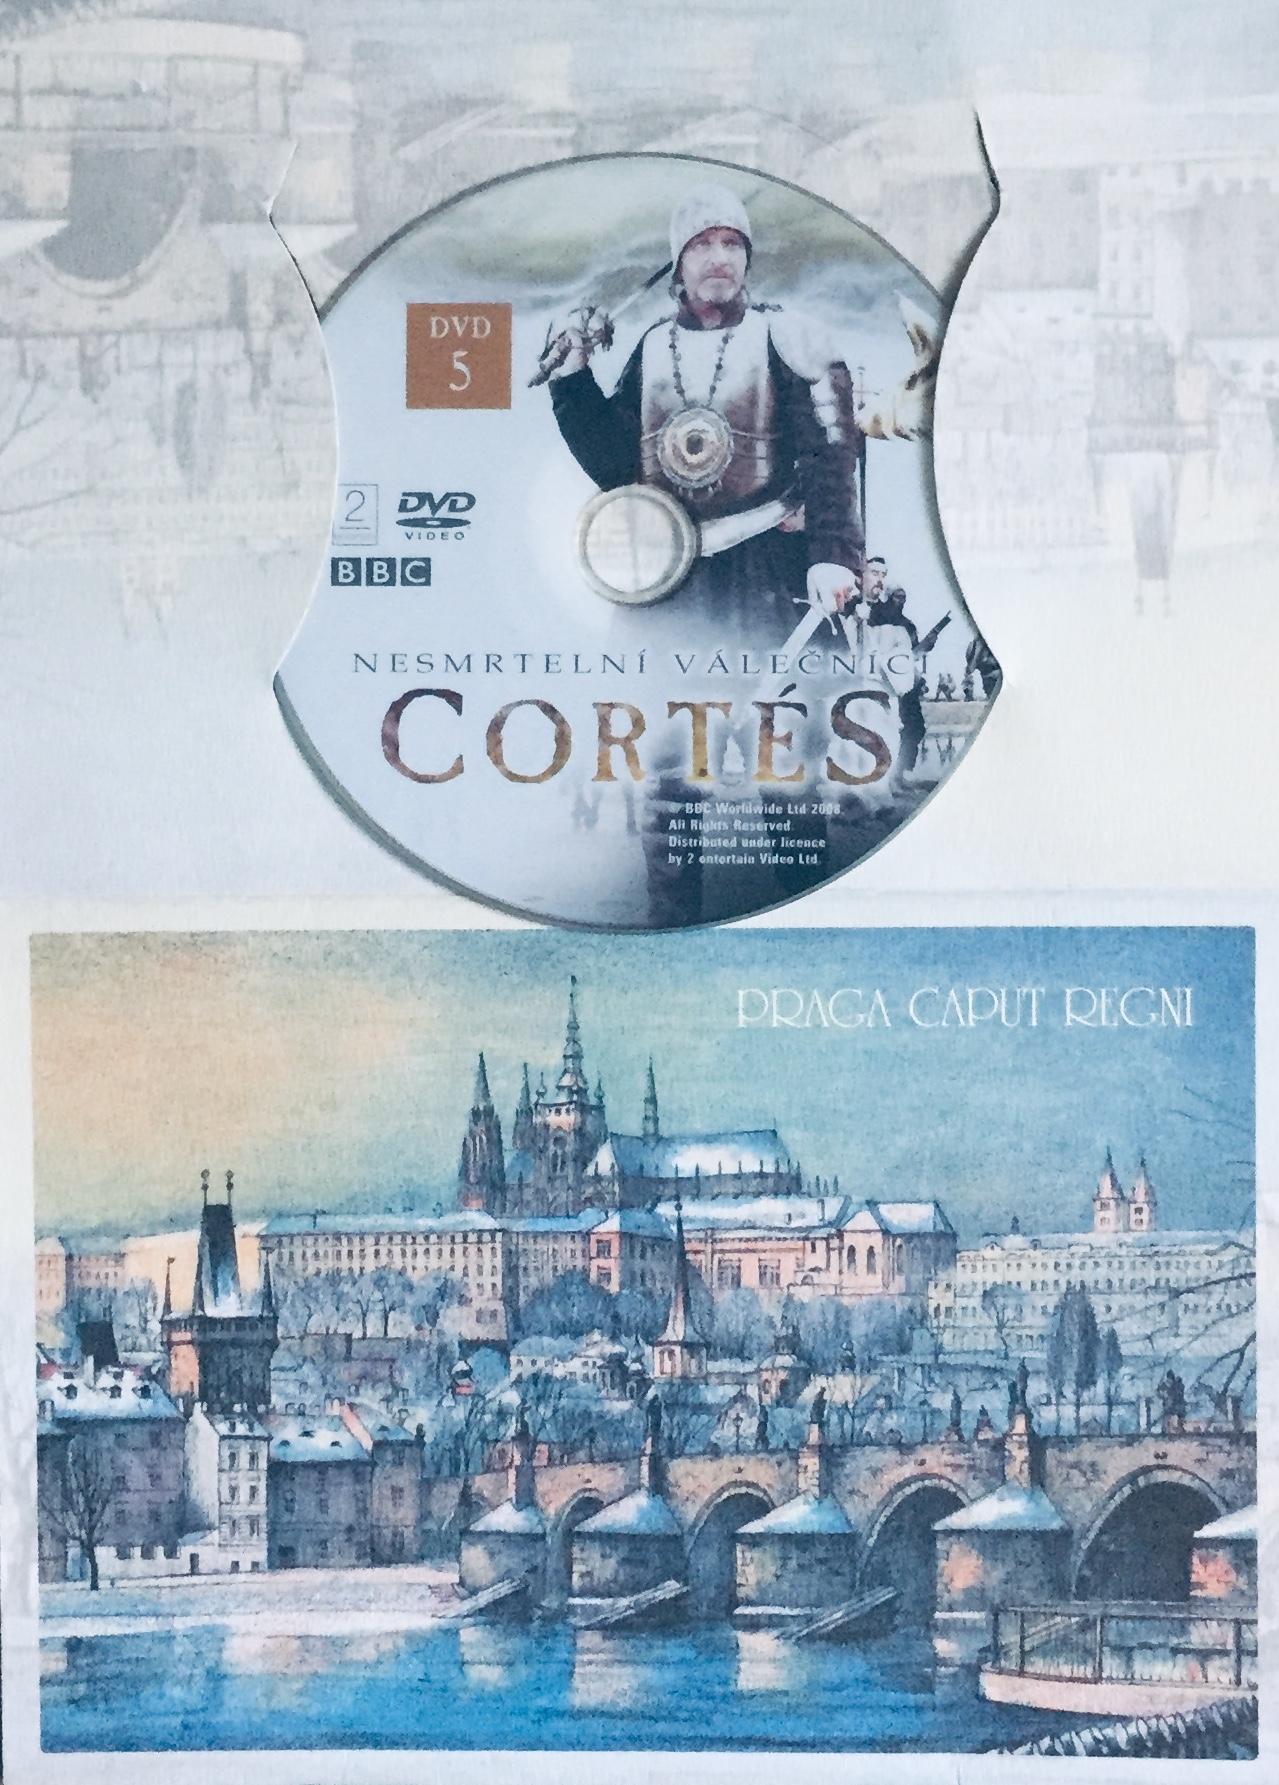 Cortés - Nesmrtelní válečníci - DVD 5 - DVD /dárkový obal/